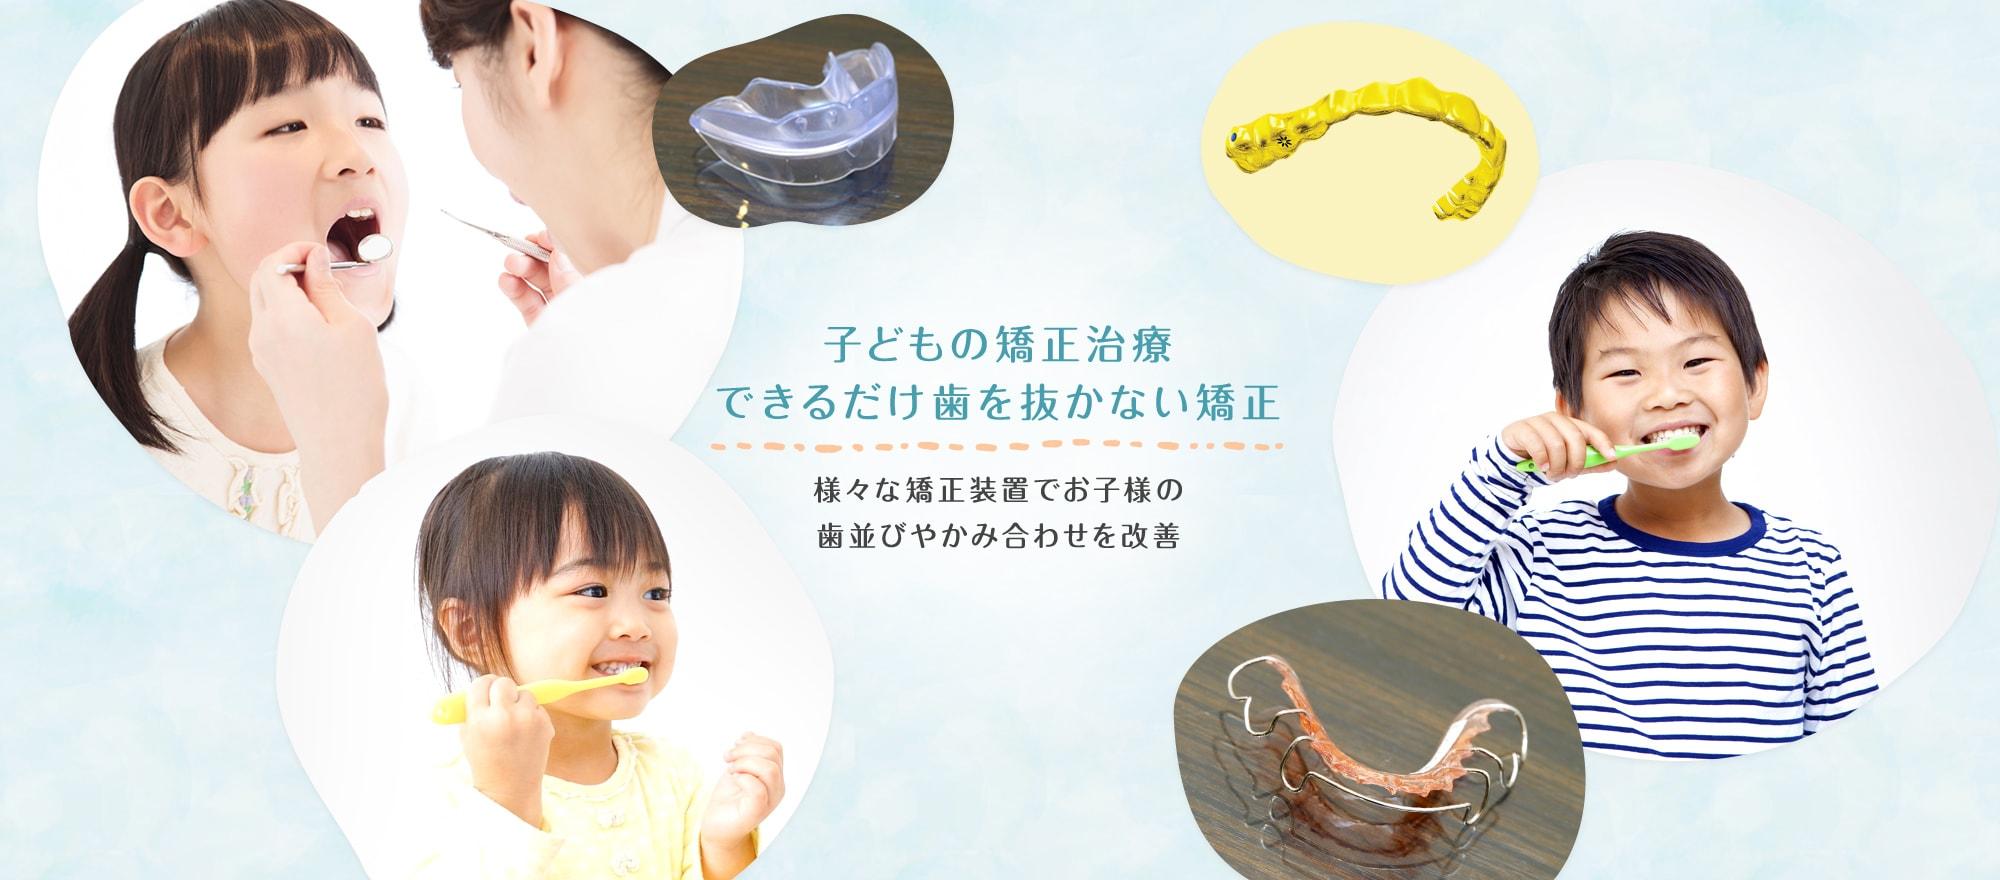 子どもの矯正治療できるだけ歯を抜かない矯正